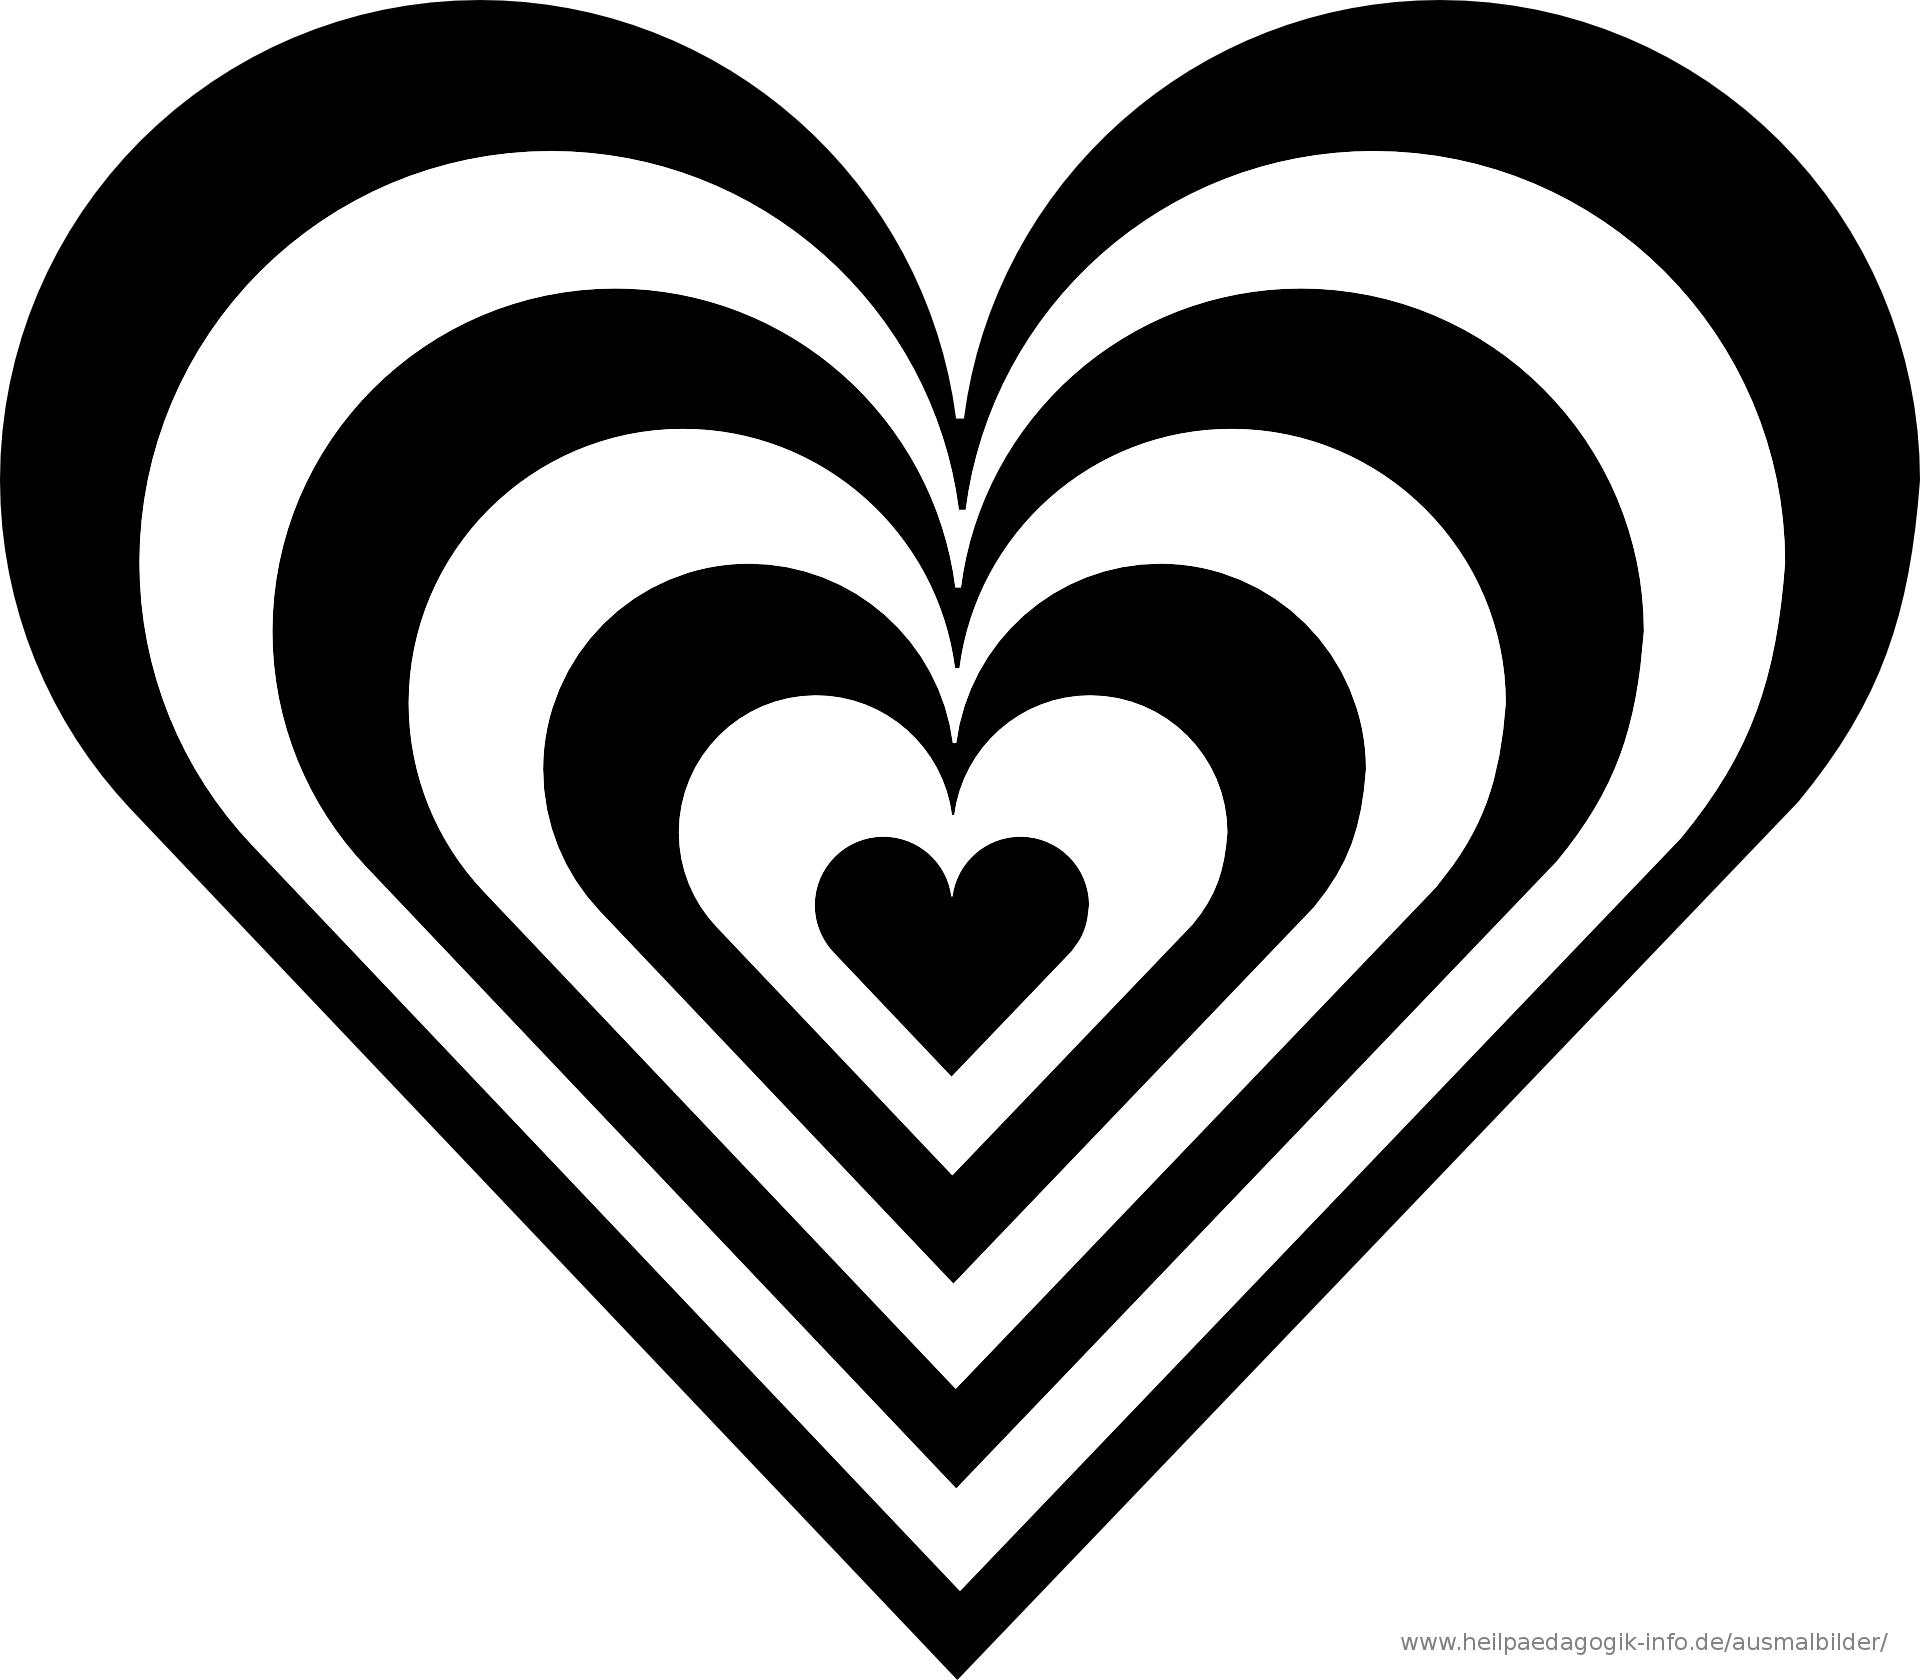 Herz Malvorlage 08 Ausmalbilder Bucher Falten Clipart